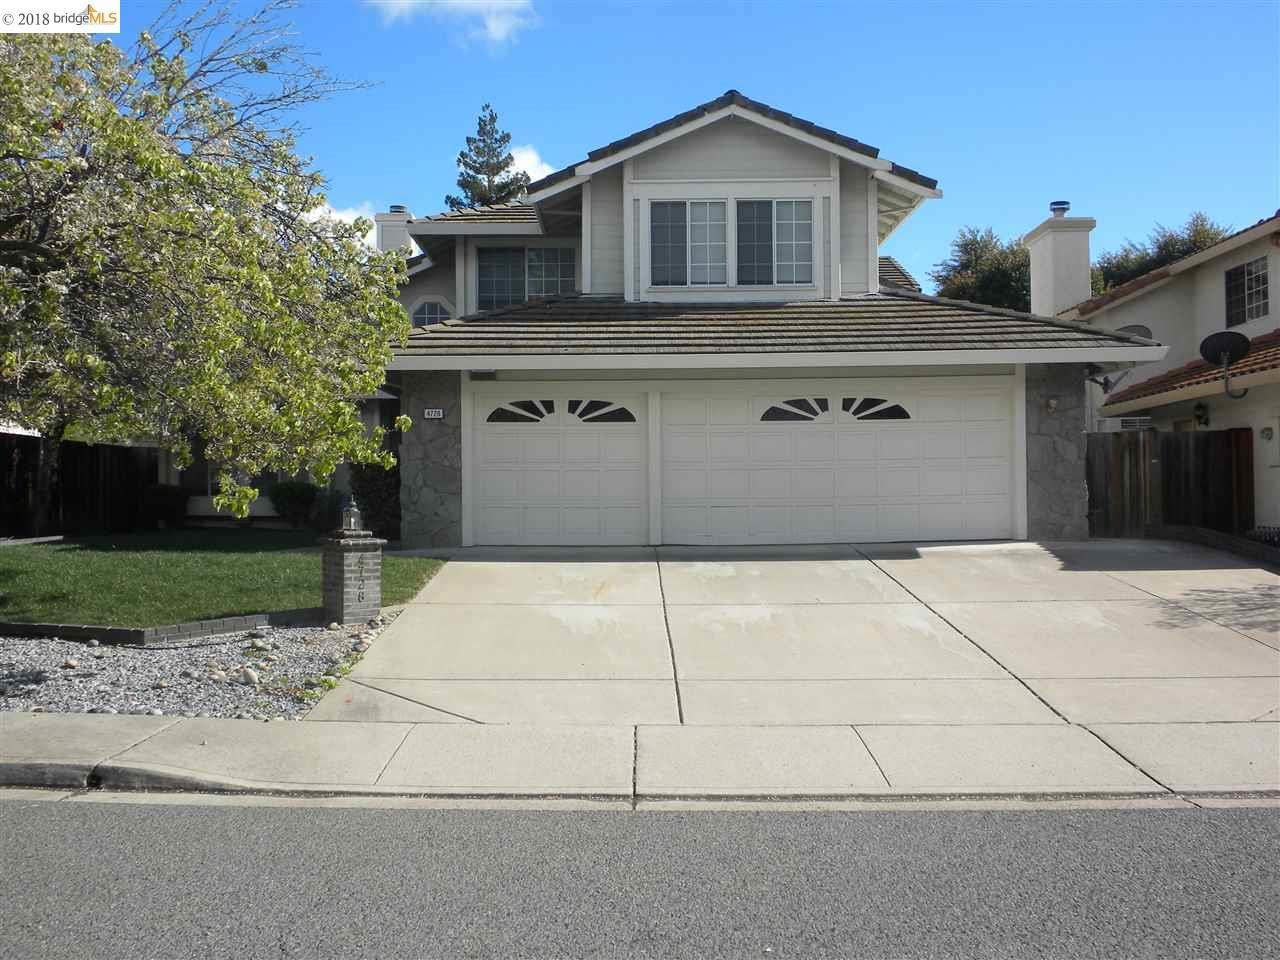 واحد منزل الأسرة للـ Rent في 4728 Hunter Peak Court 4728 Hunter Peak Court Antioch, California 94531 United States